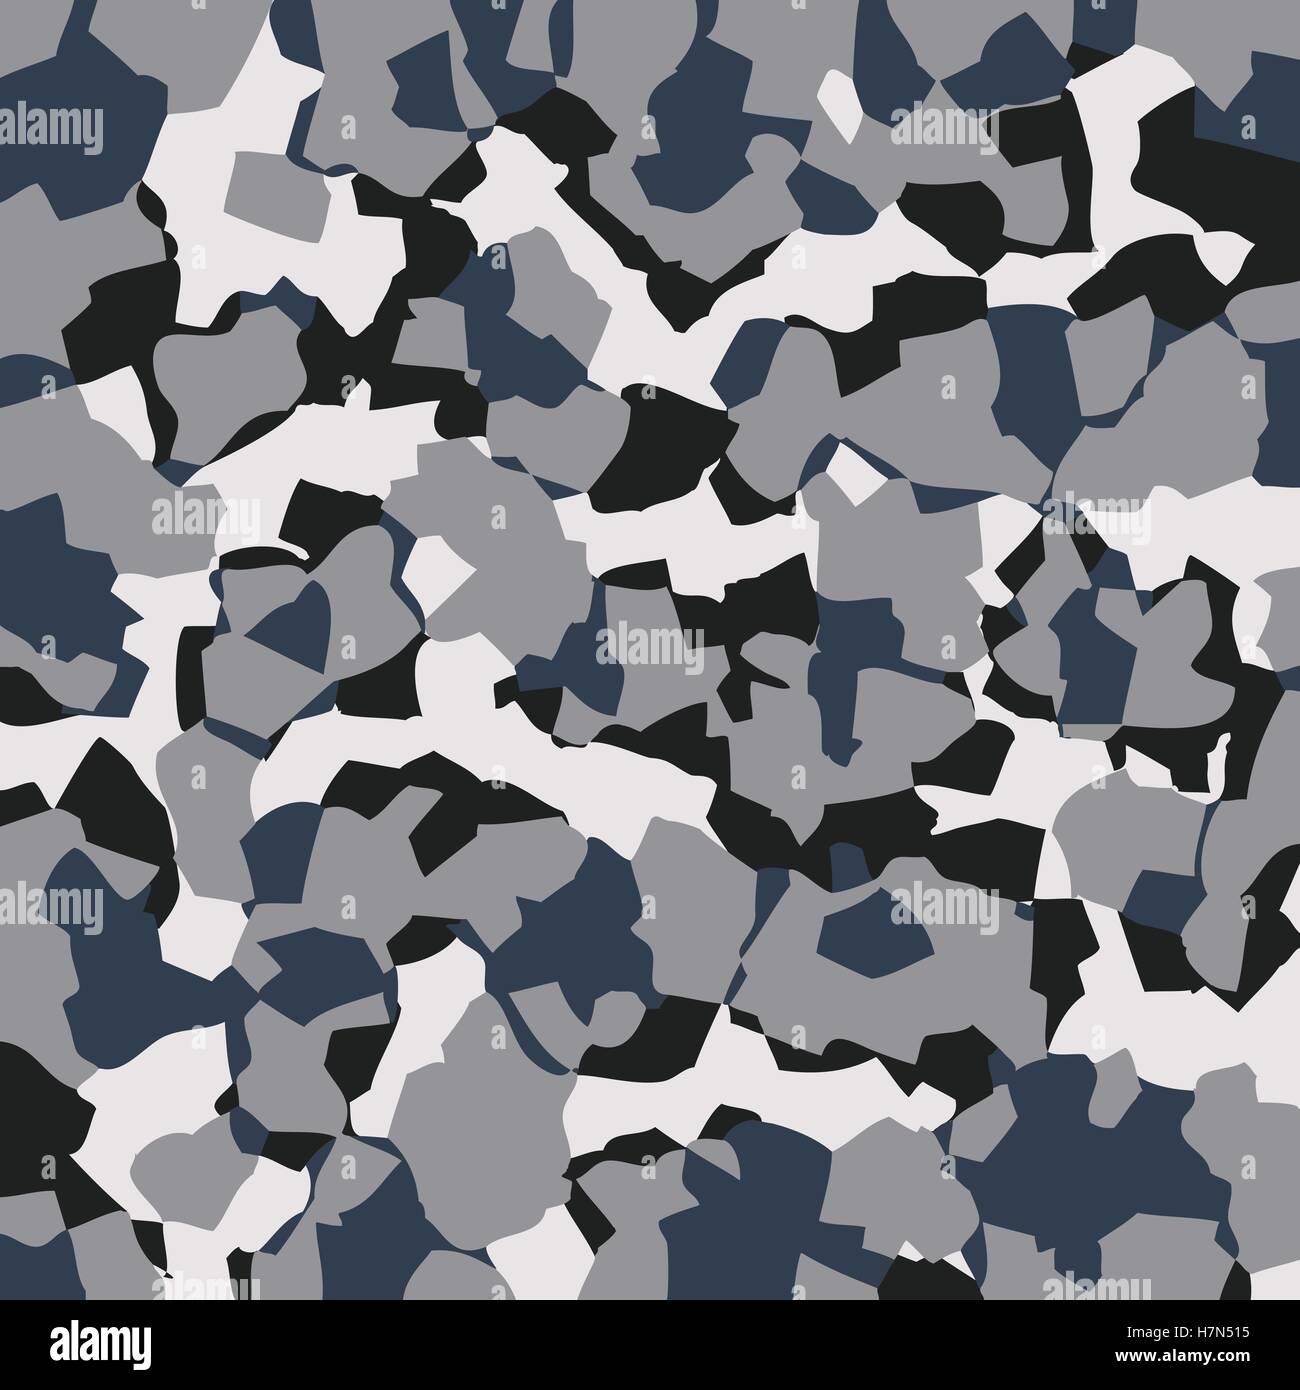 Militar Musterung Stockfotos Und Bilder Kaufen Alamy 7